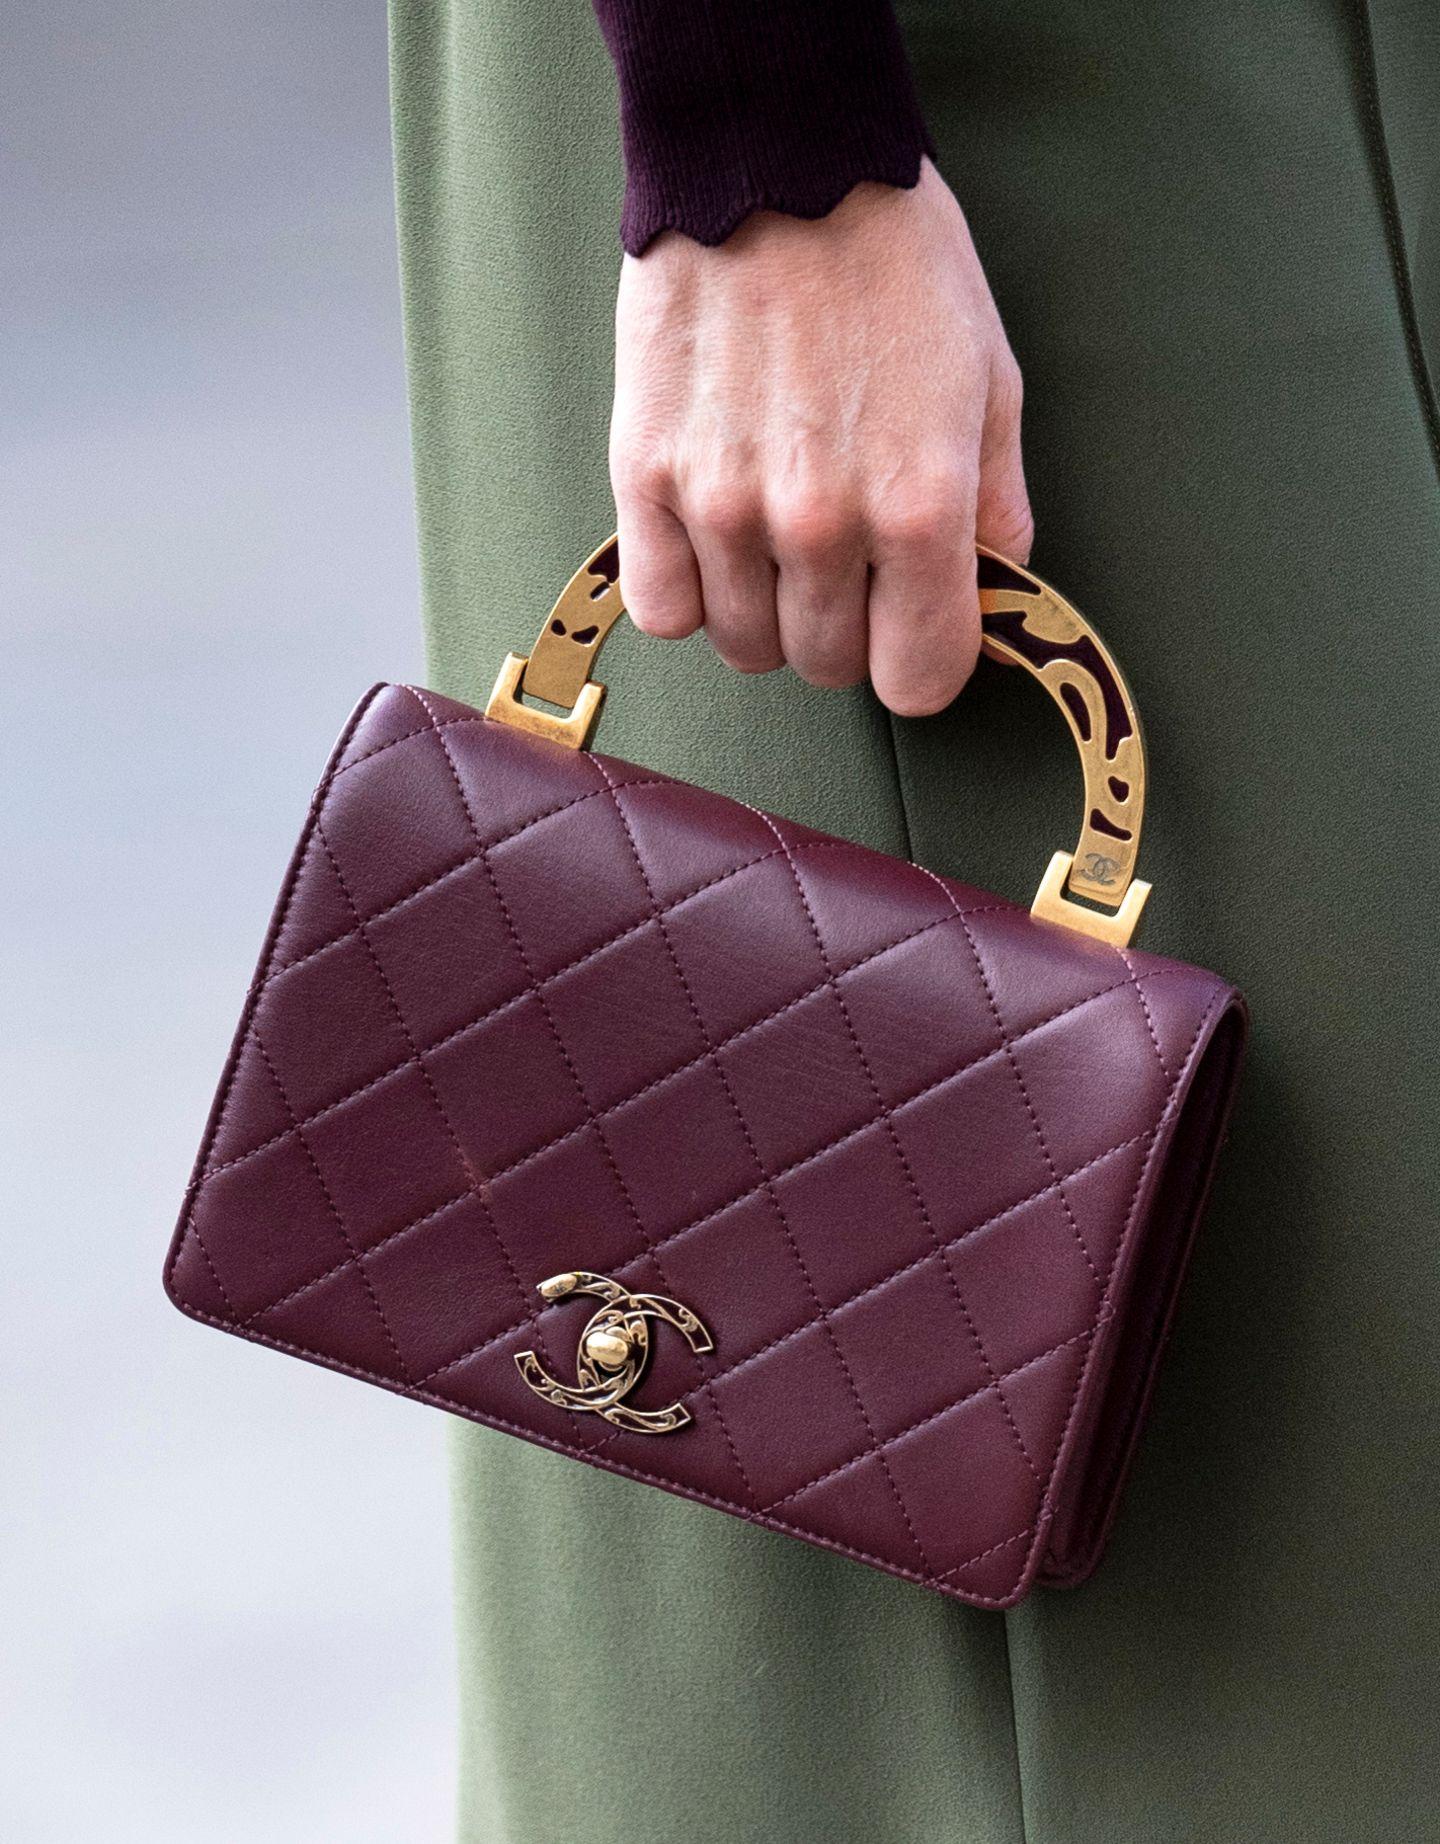 Ein echtes Liebhaber-Stück: Herzogin Catherine trägt kein gewöhnliches Modell des Labels Chanels, sondern eine limitierte Edition, um die sie vermutlich so manche Frau beneidet.